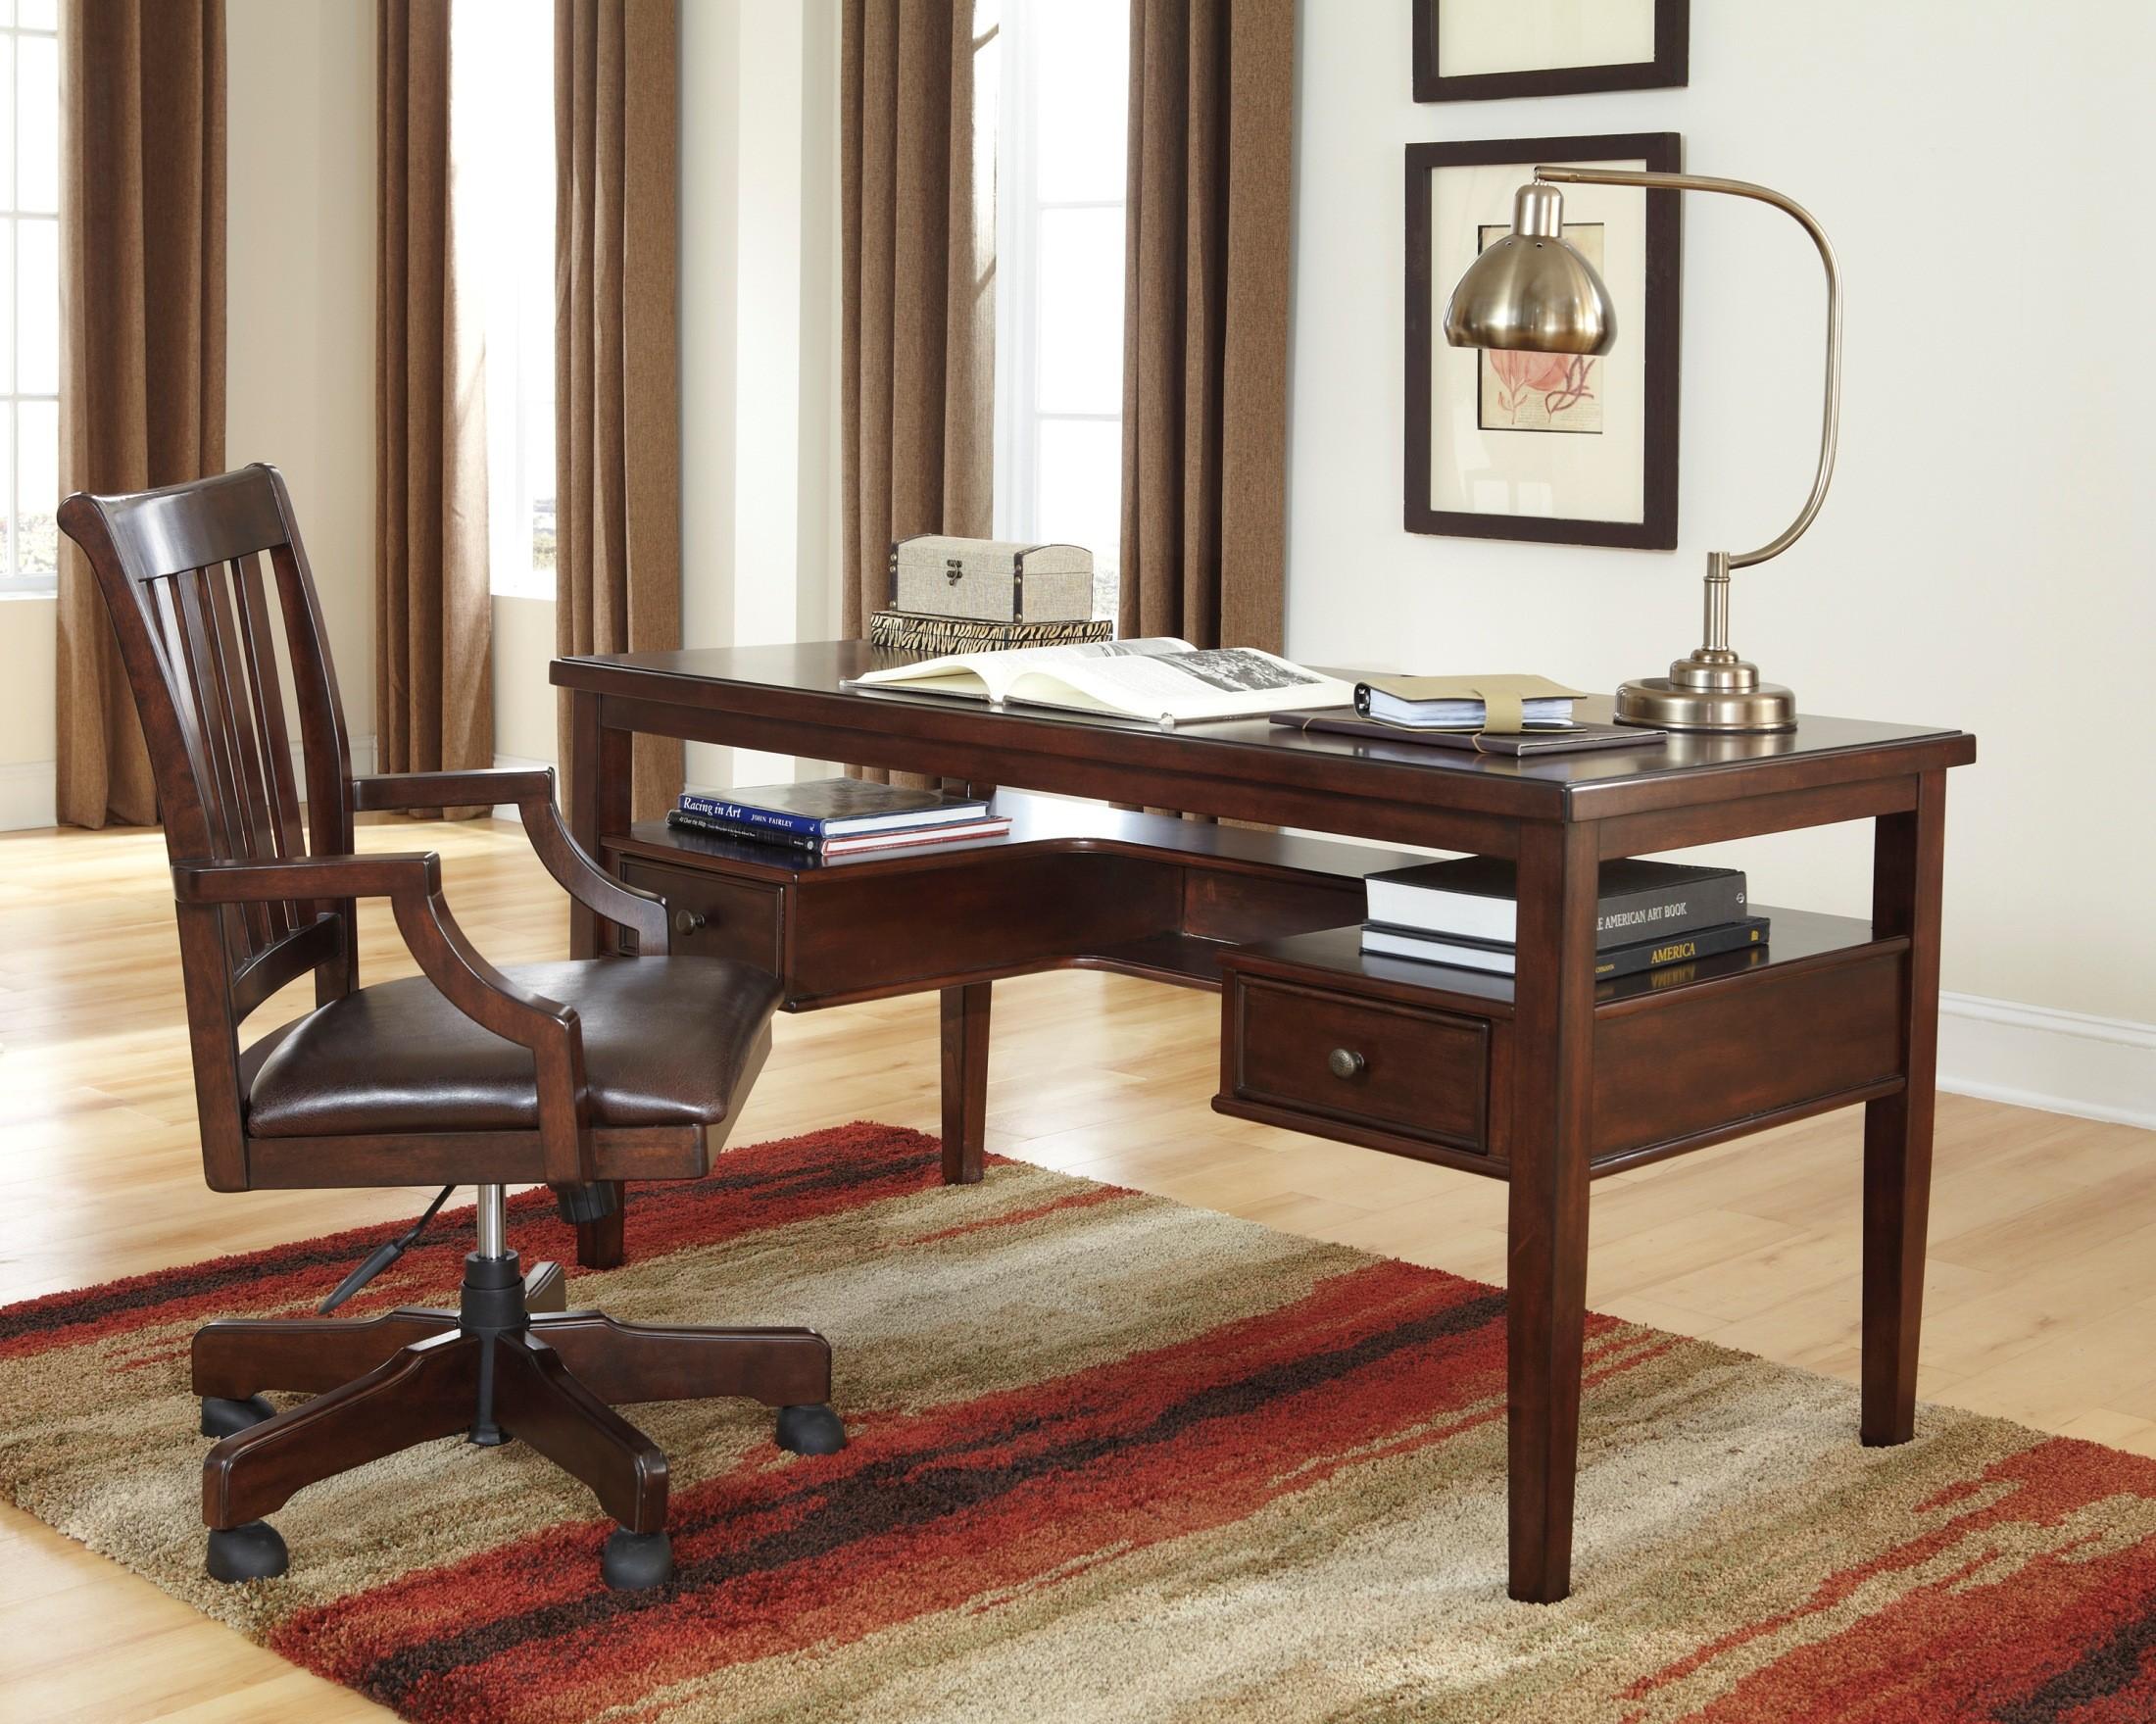 Hindell Park Home Office Desk H695 27 Ashley Furniture